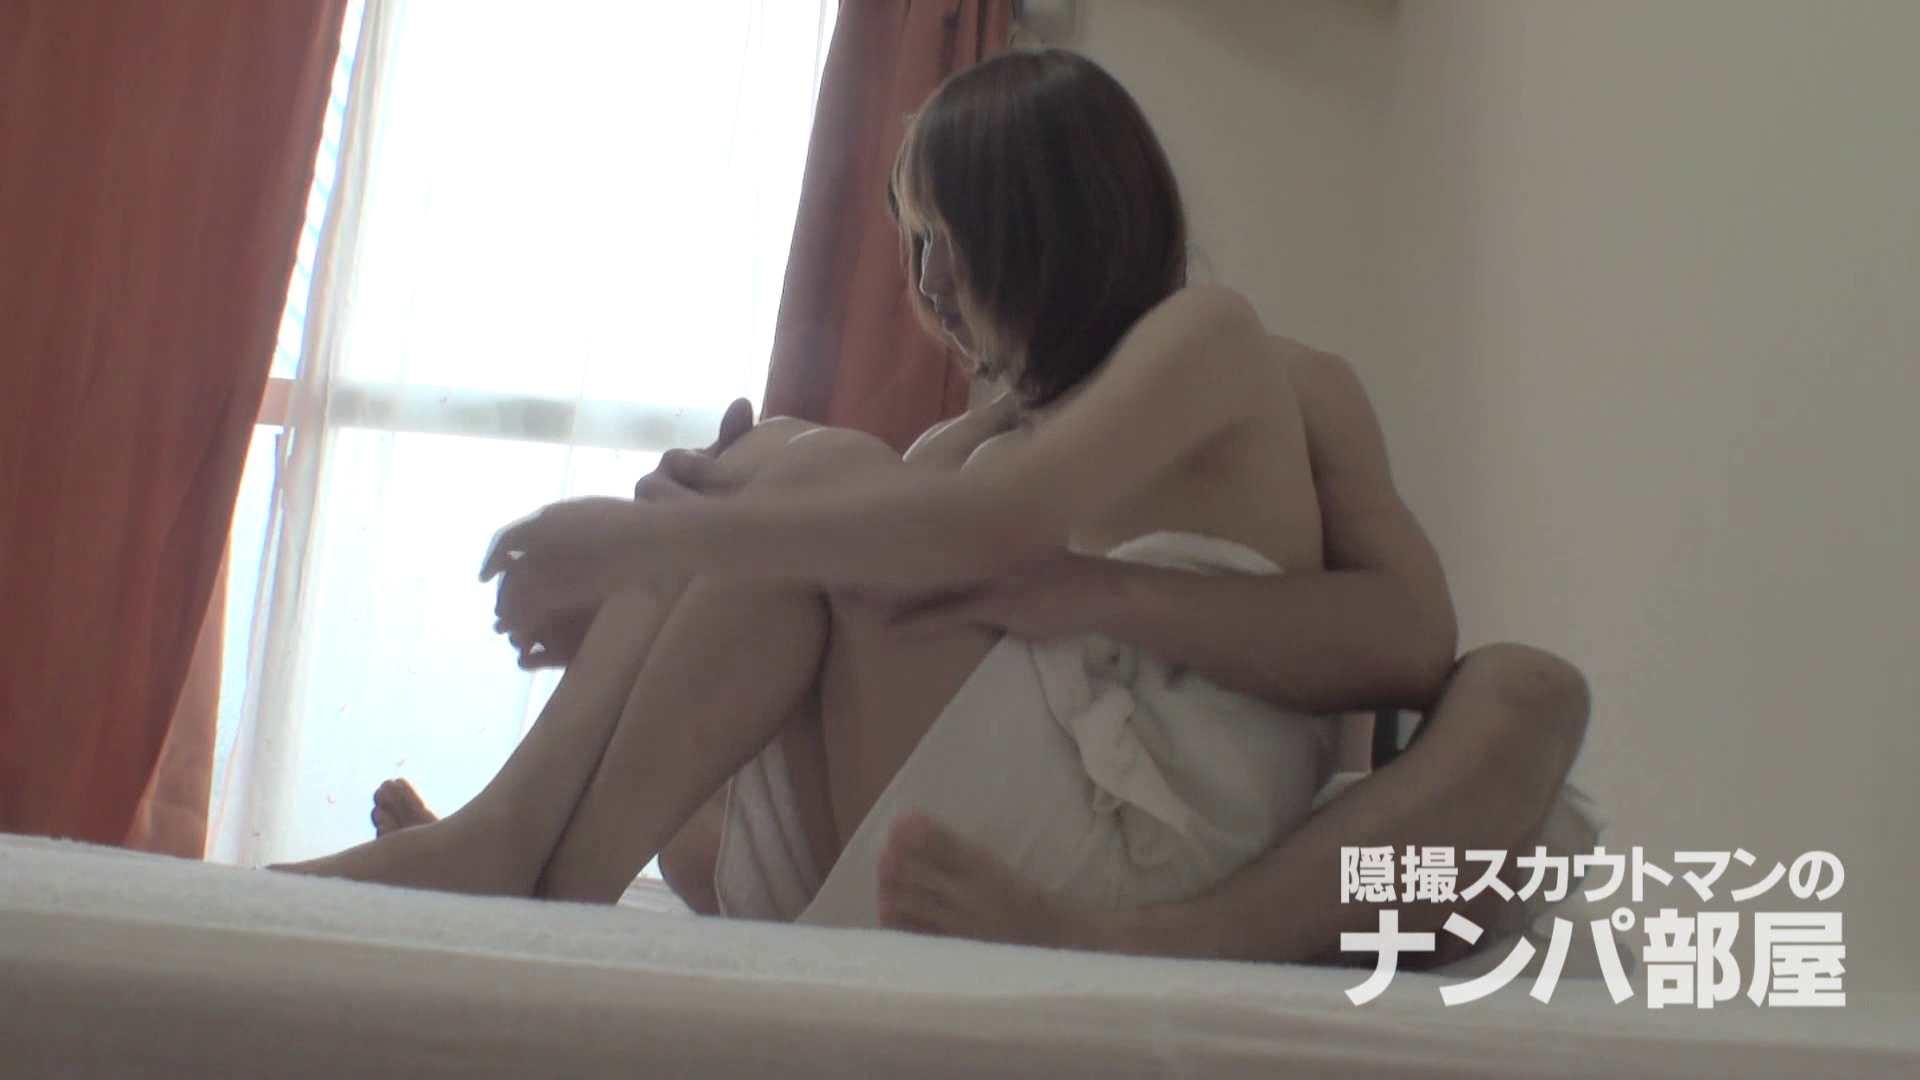 隠撮スカウトマンのナンパ部屋~風俗デビュー前のつまみ食い~ sii 脱衣所 | 隠撮  68画像 50